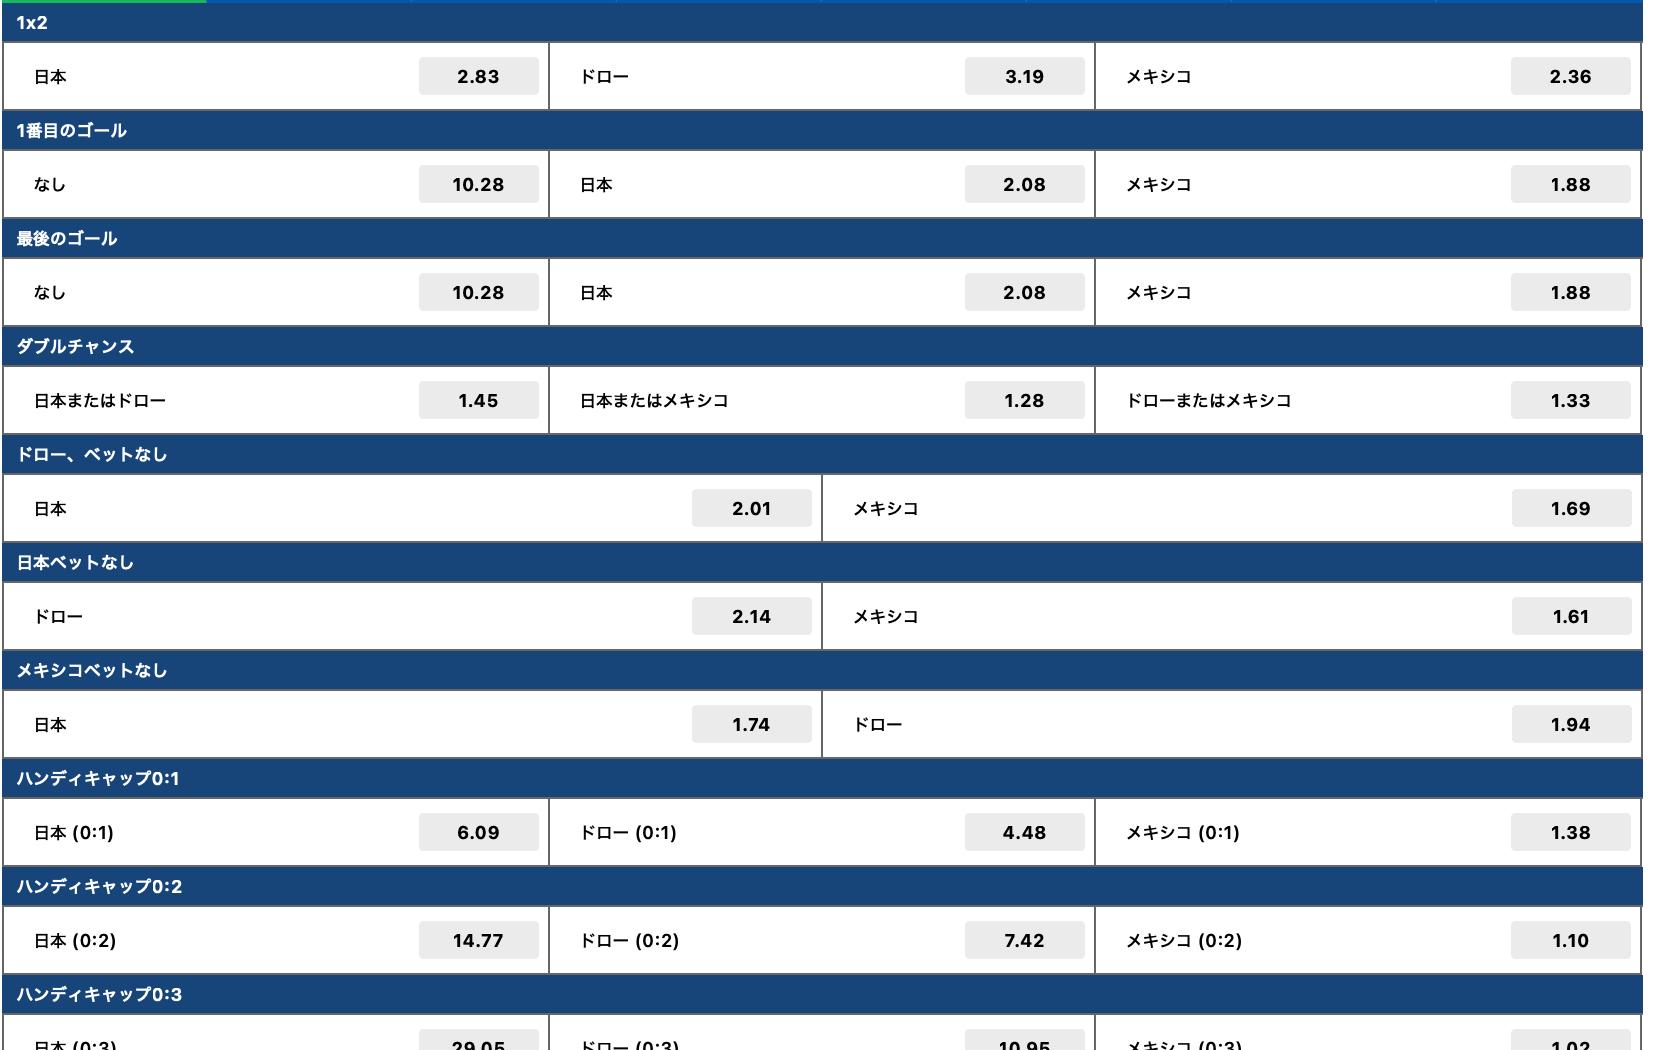 サッカーU24日本代表対メキシコ試合予想オッズ